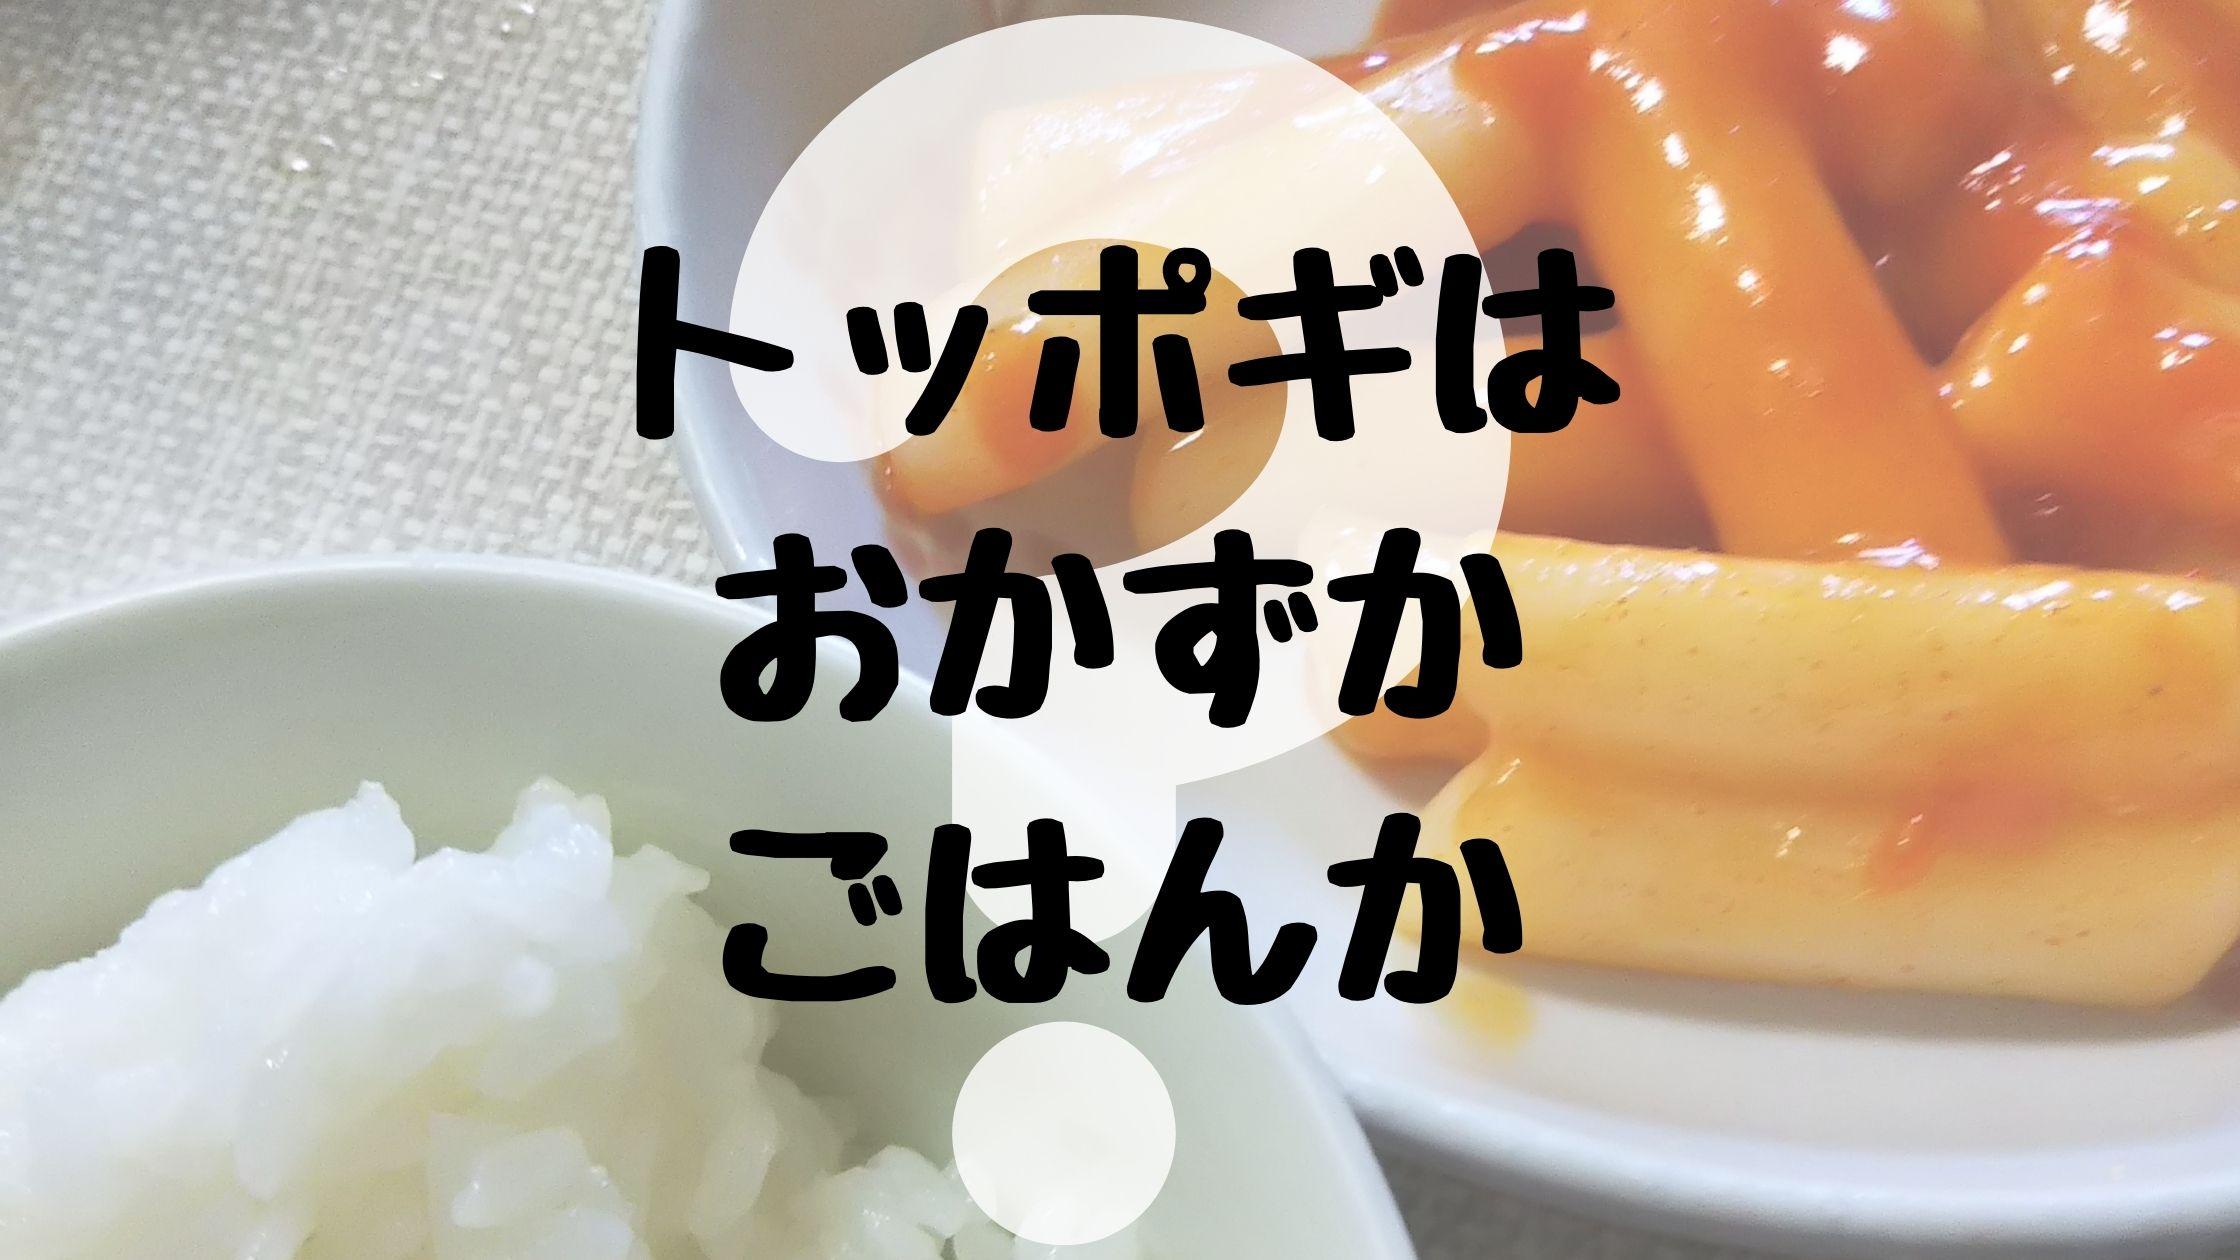 トッポギ はおかずか主食か   一緒に食べるものに悩む韓国グルメ